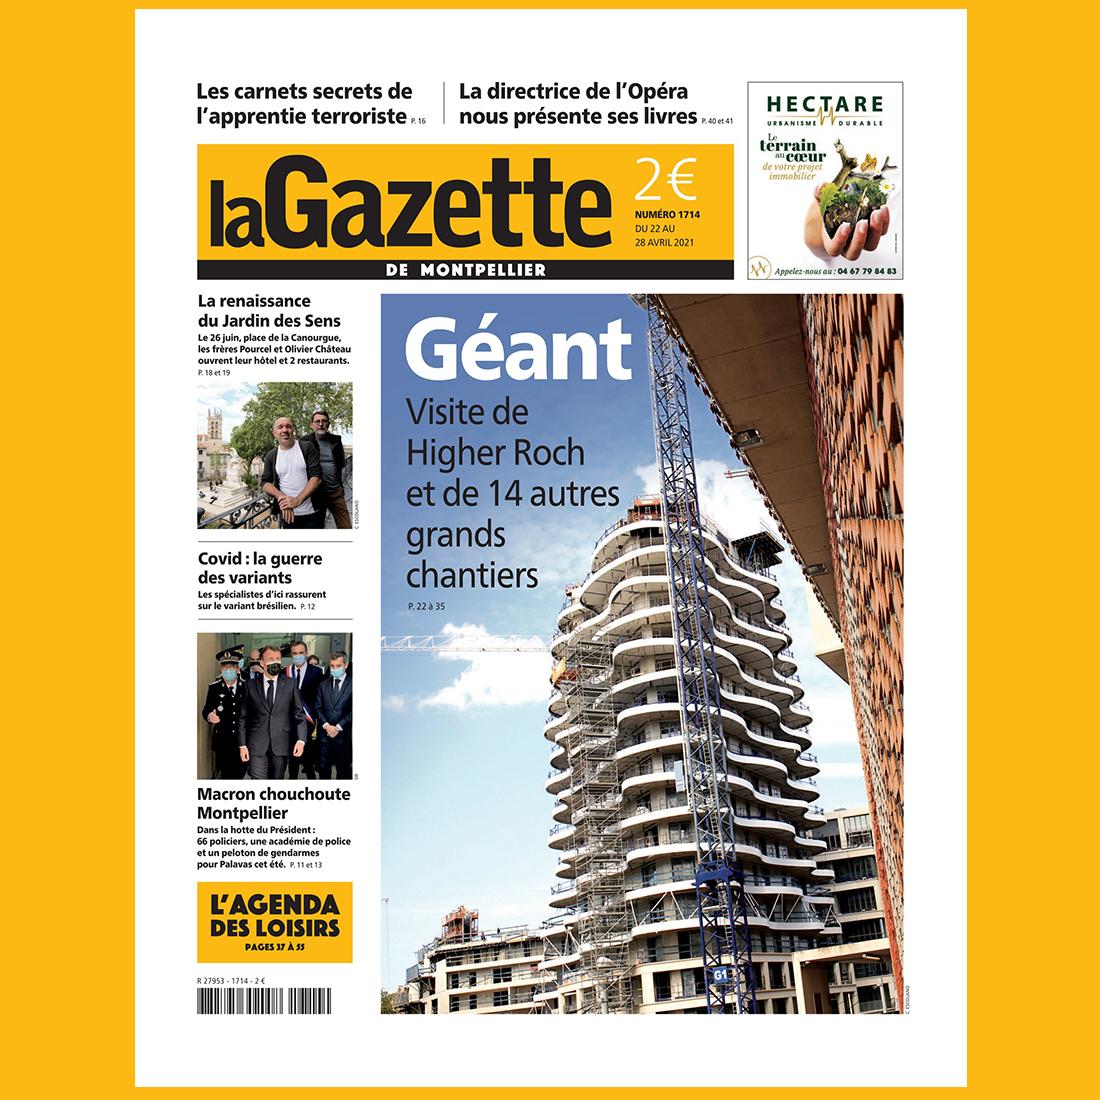 La Gazette de Montpellier #1714 Avril 2021 | Brenac & Gonzalez et Associés